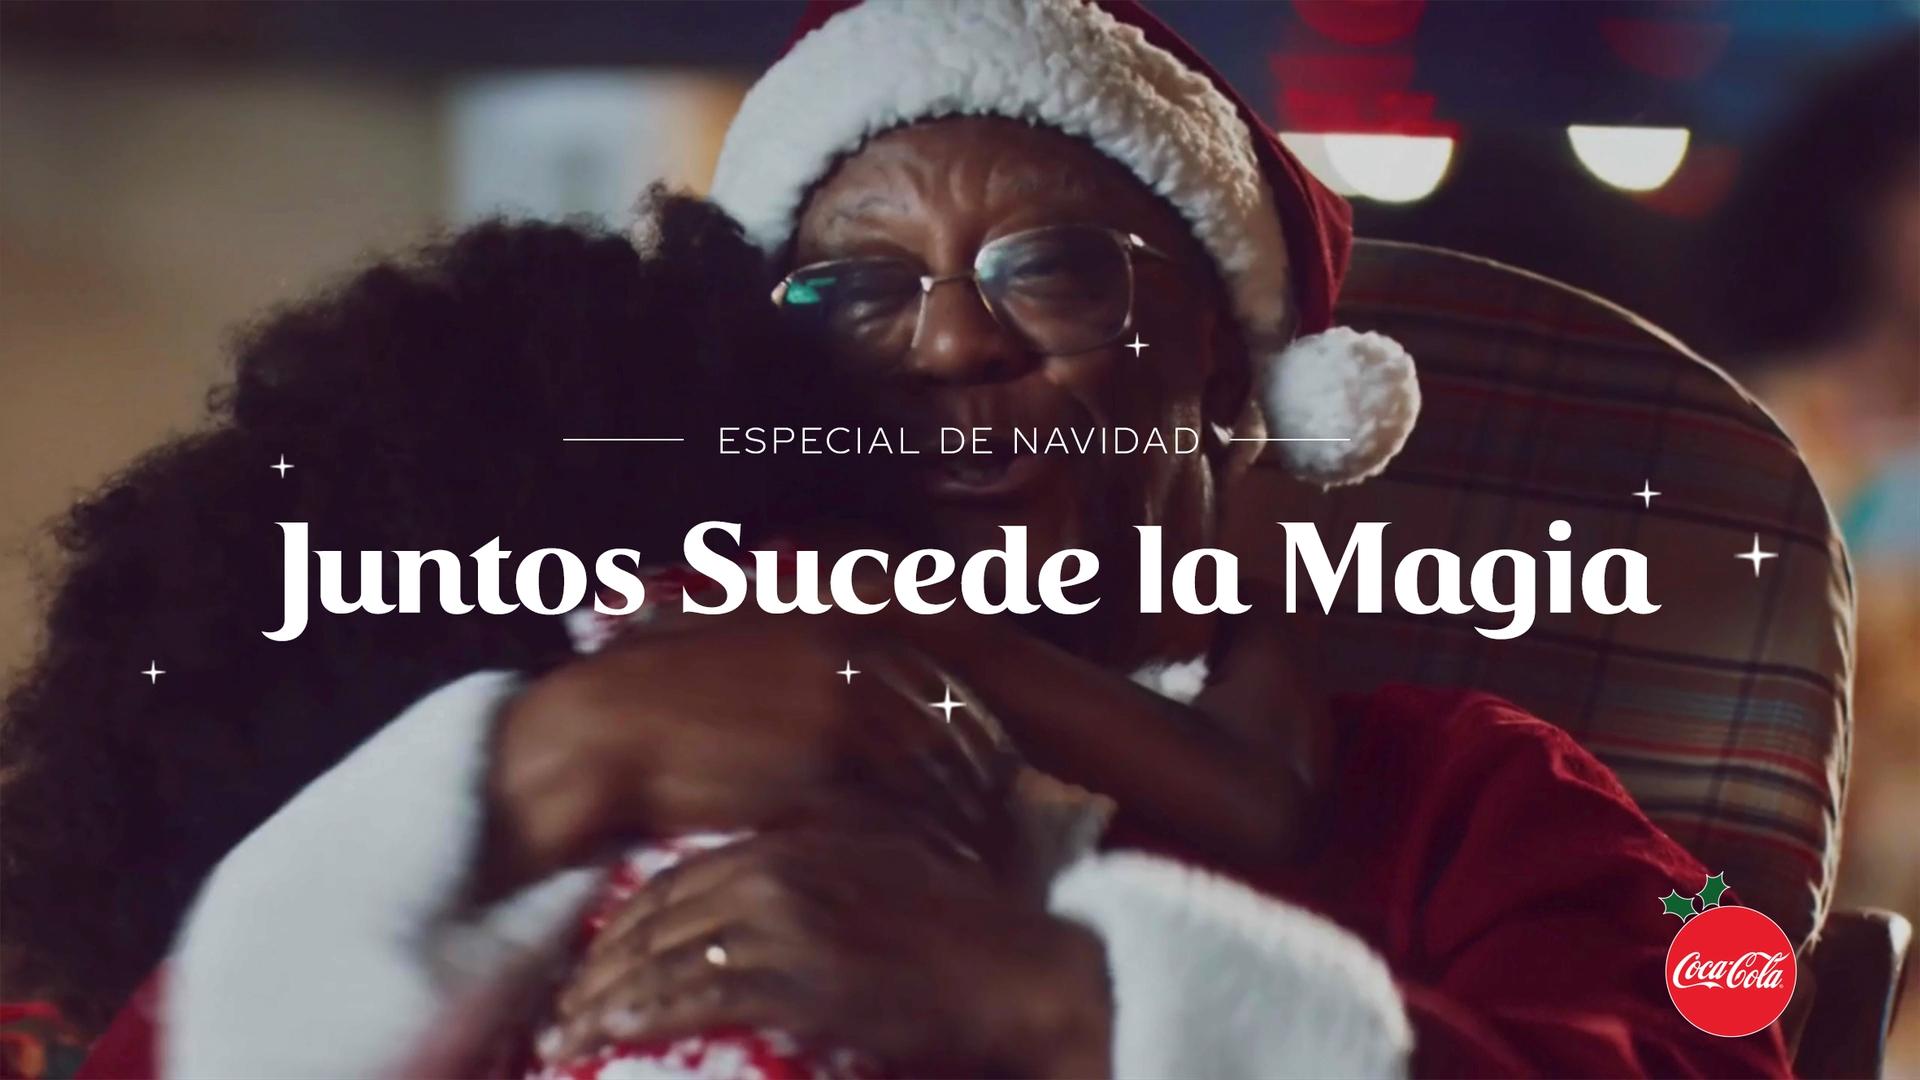 Especial de Navidad - Juntos sucede la magia